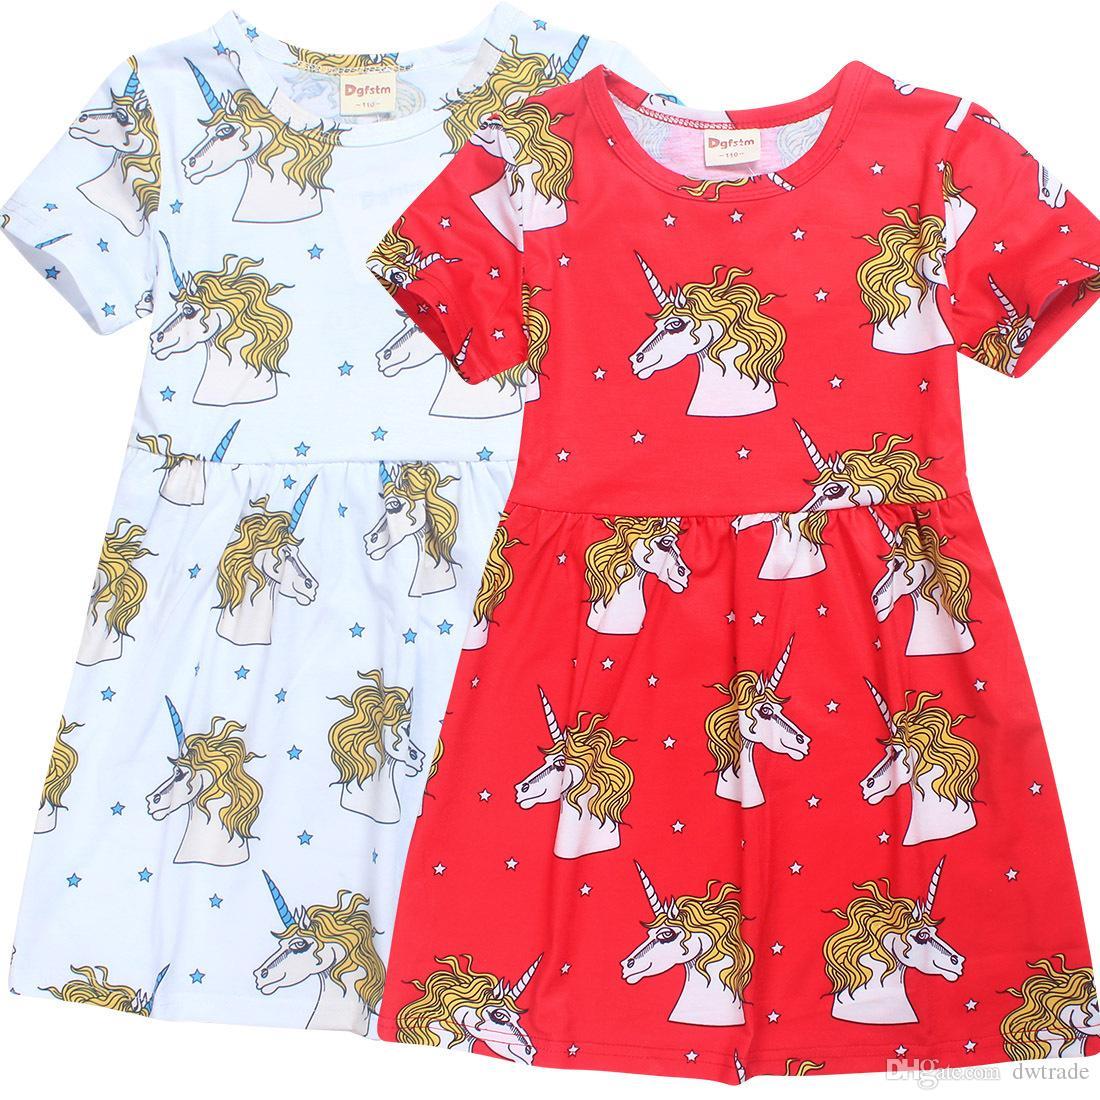 اعتصامات جديدة الفتيات السحرية يونيكورن نمط الطباعة الكامل الصيف قميص اللباس القطن الناعمة اللباس للمراهقات الكرتون القطن اللباس 4-10 طن